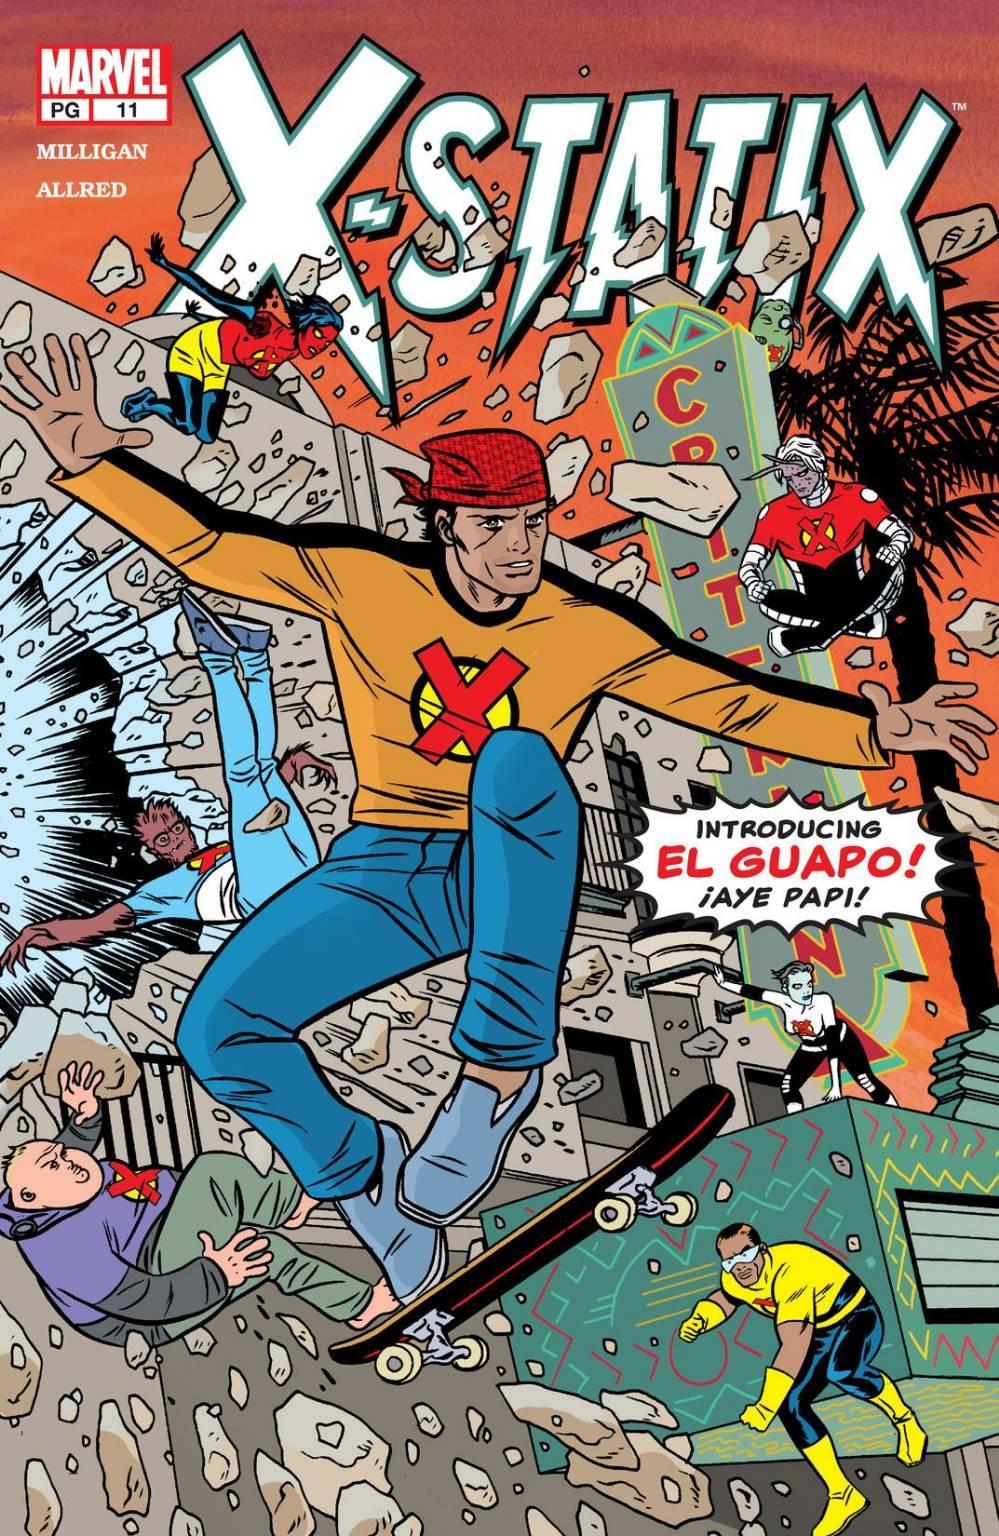 peggiori supereroi - El Guapo